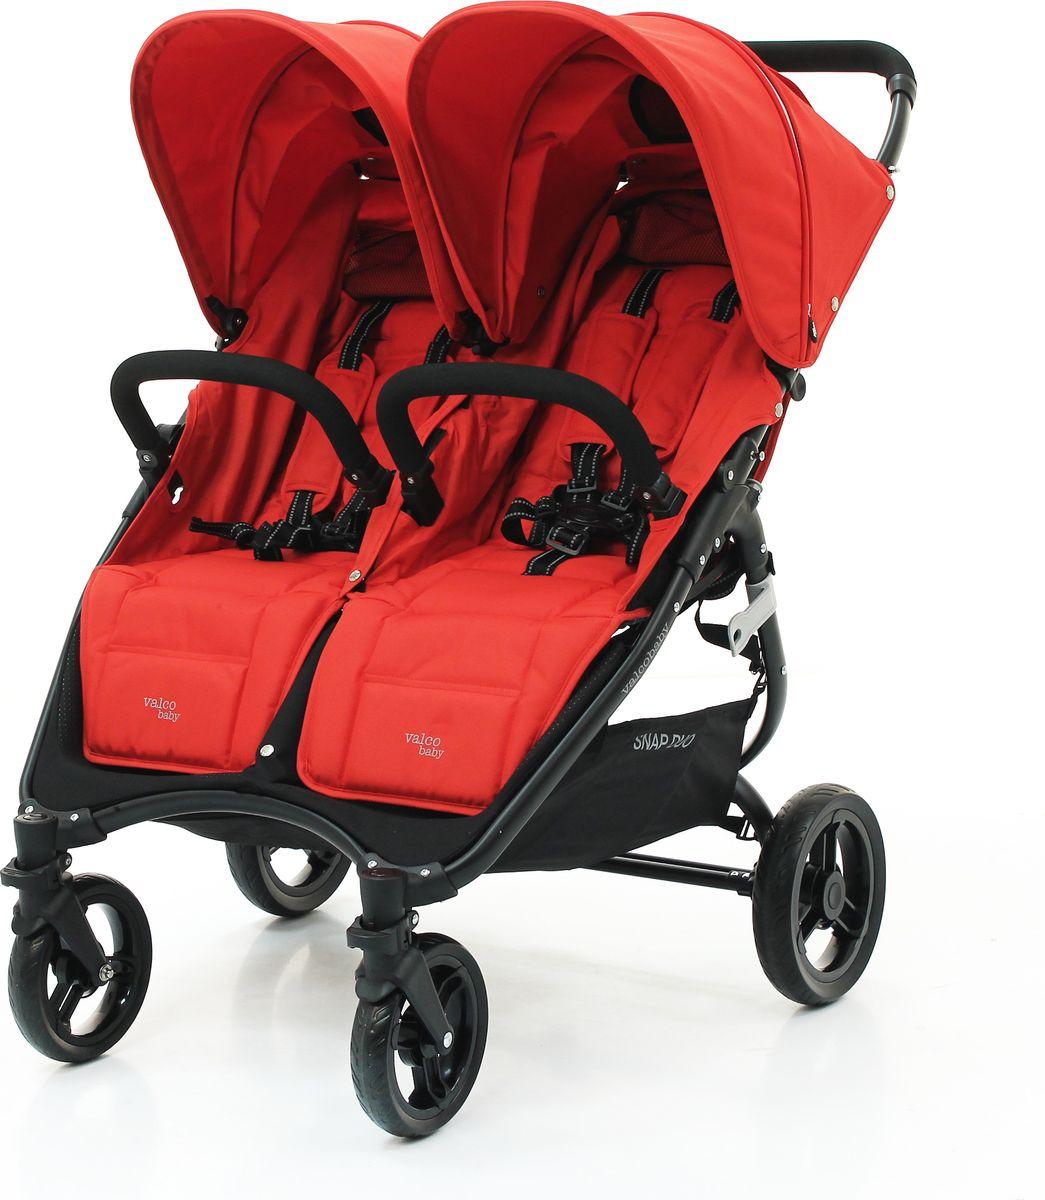 цены на Коляска для двойни Valco Baby Snap Duo Fire red  в интернет-магазинах